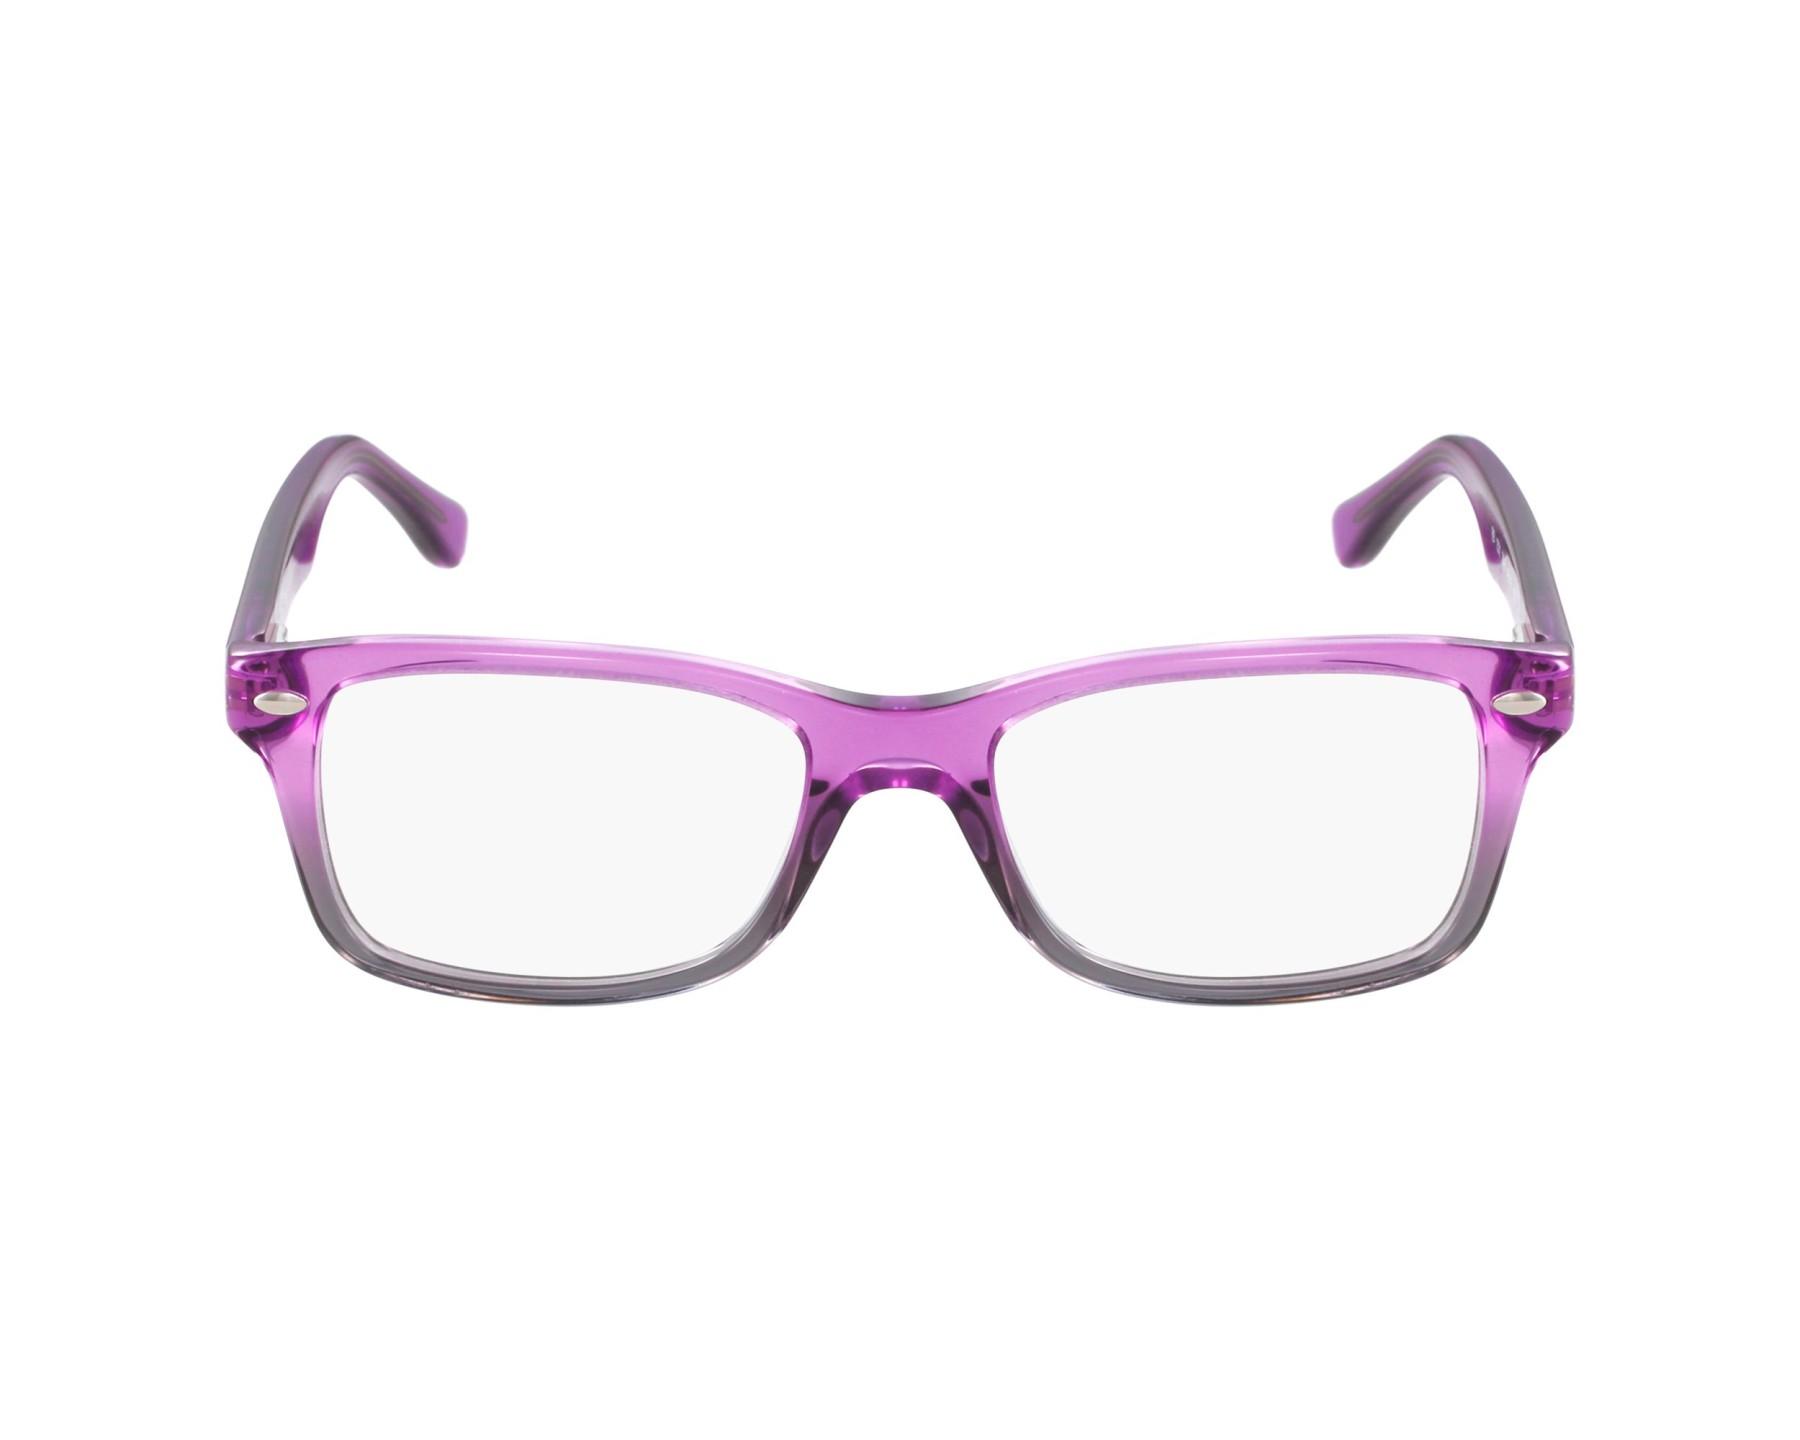 eb09a9bf61 Gafas Graduadas Ray-Ban RY-1531 3646 - Lila Purpura Gris vista de perfil